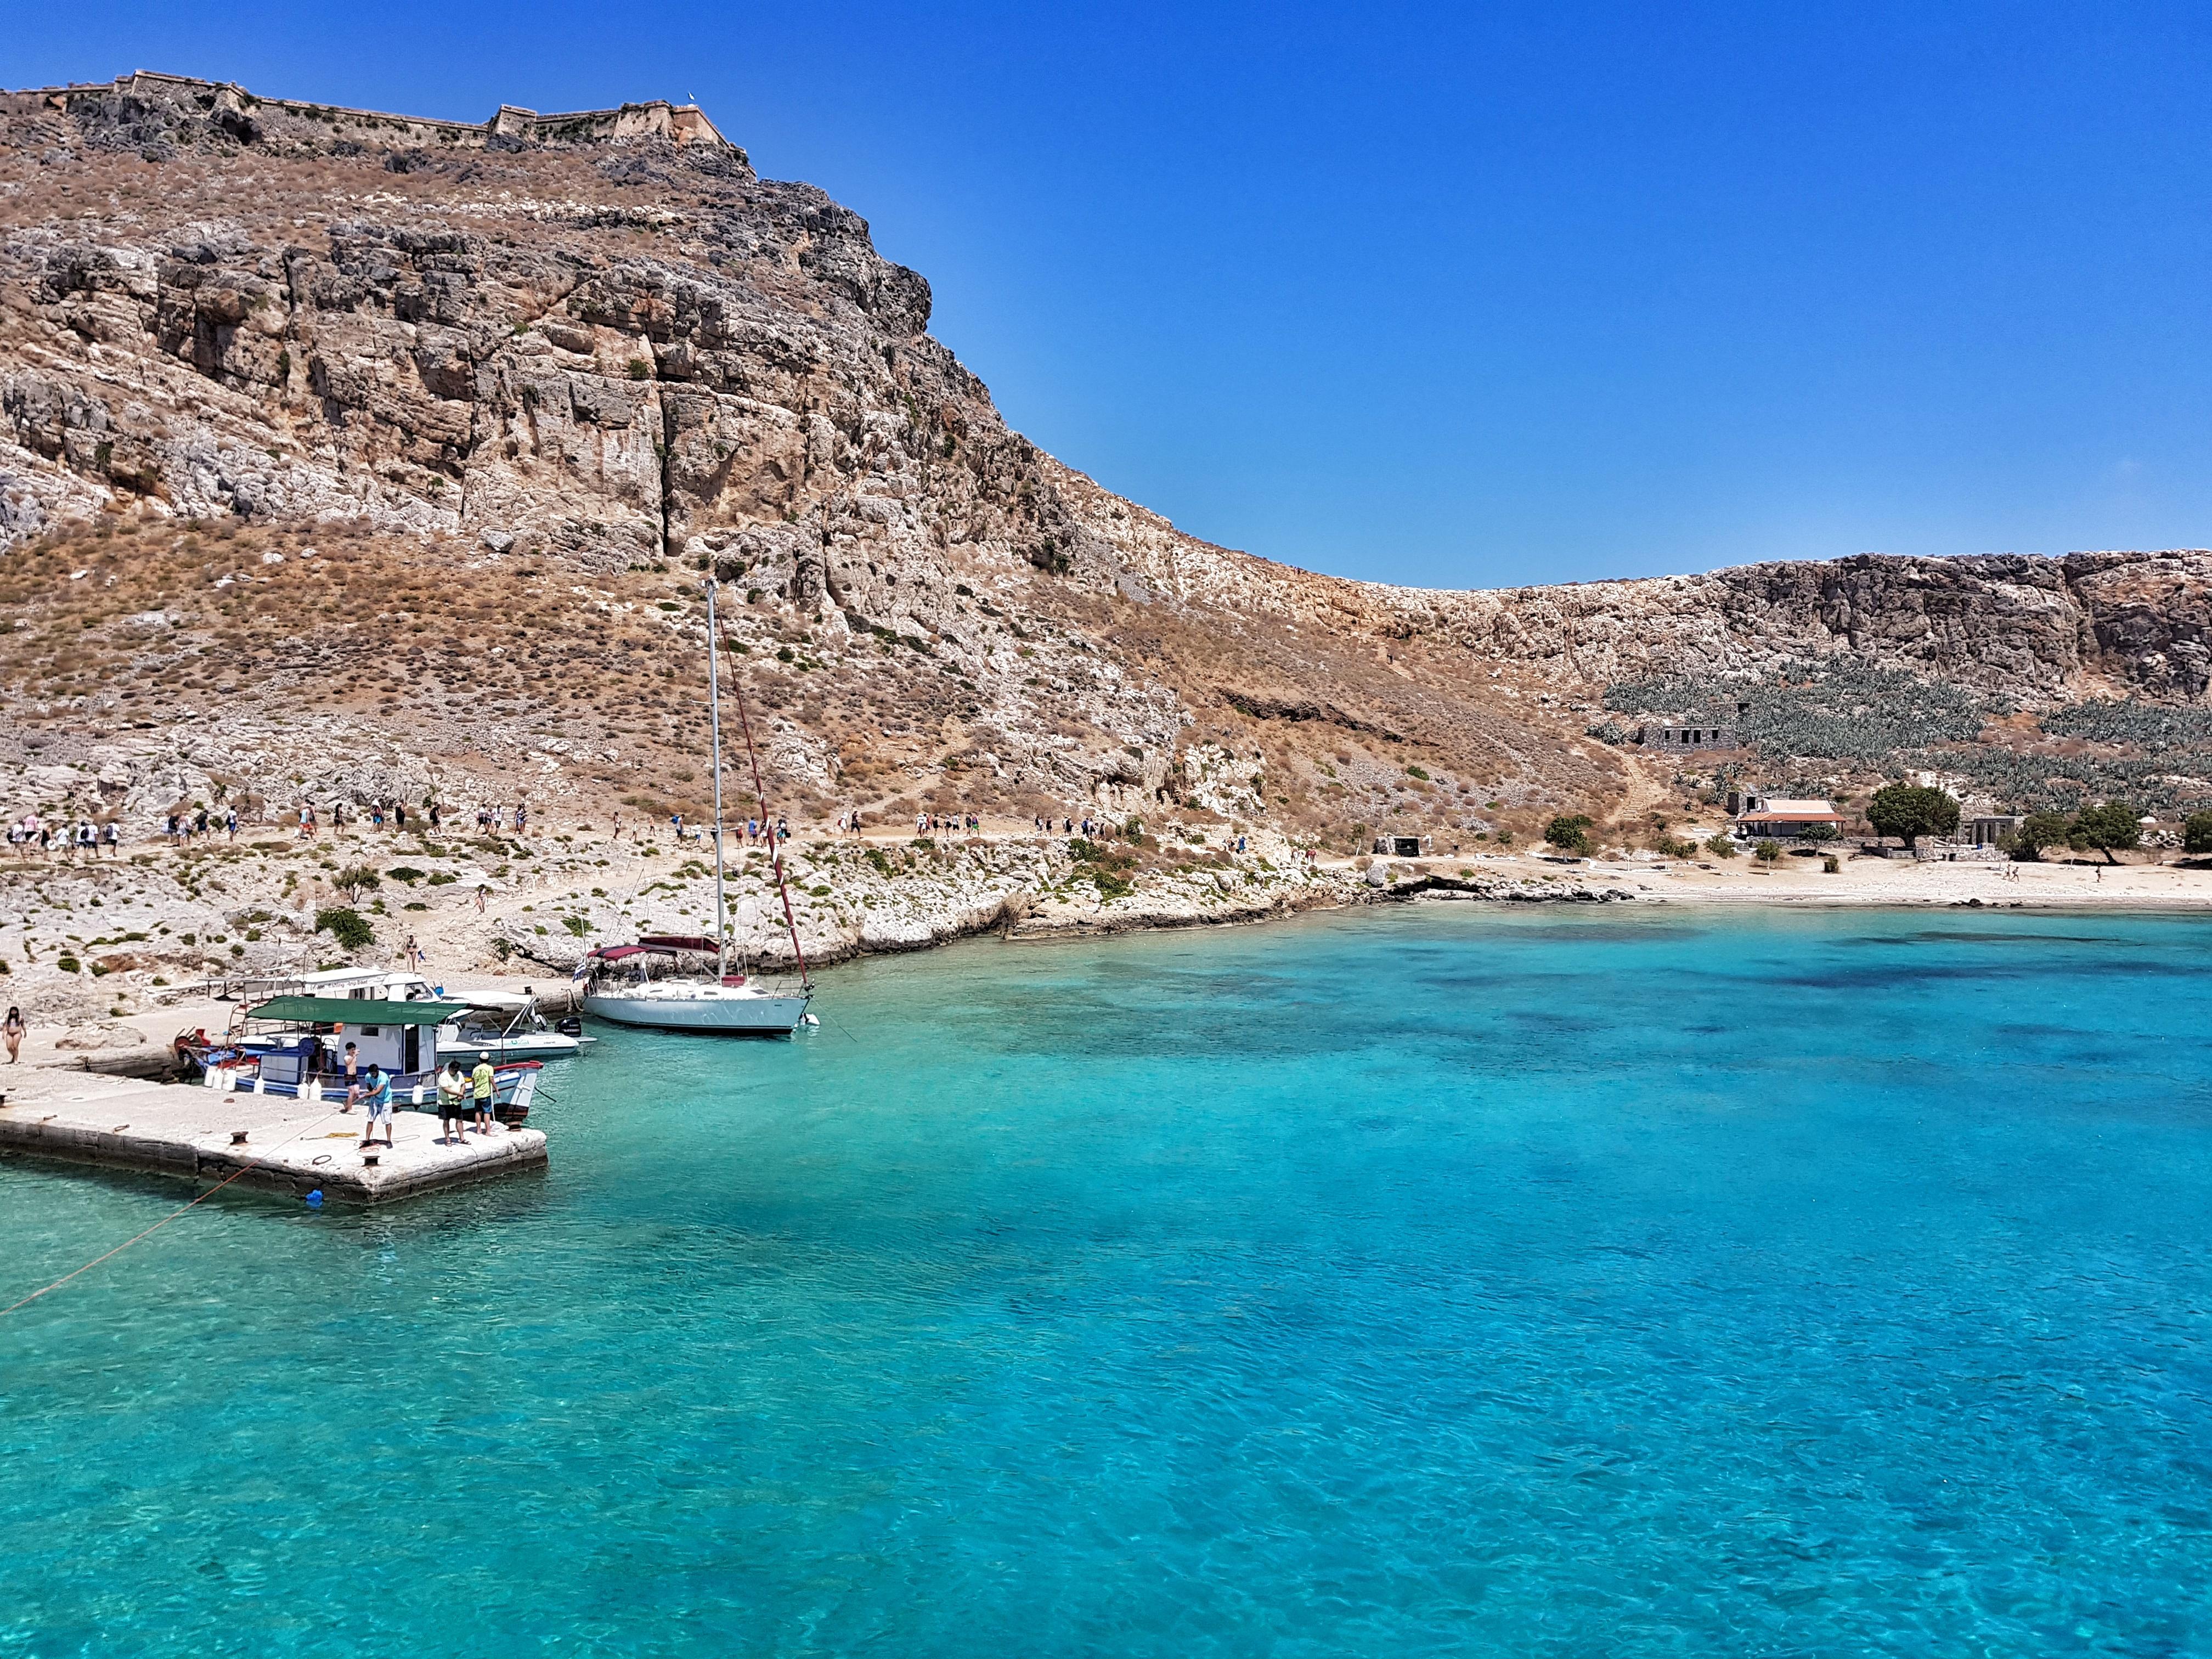 gromvousa_island_balos_lagoon_crete